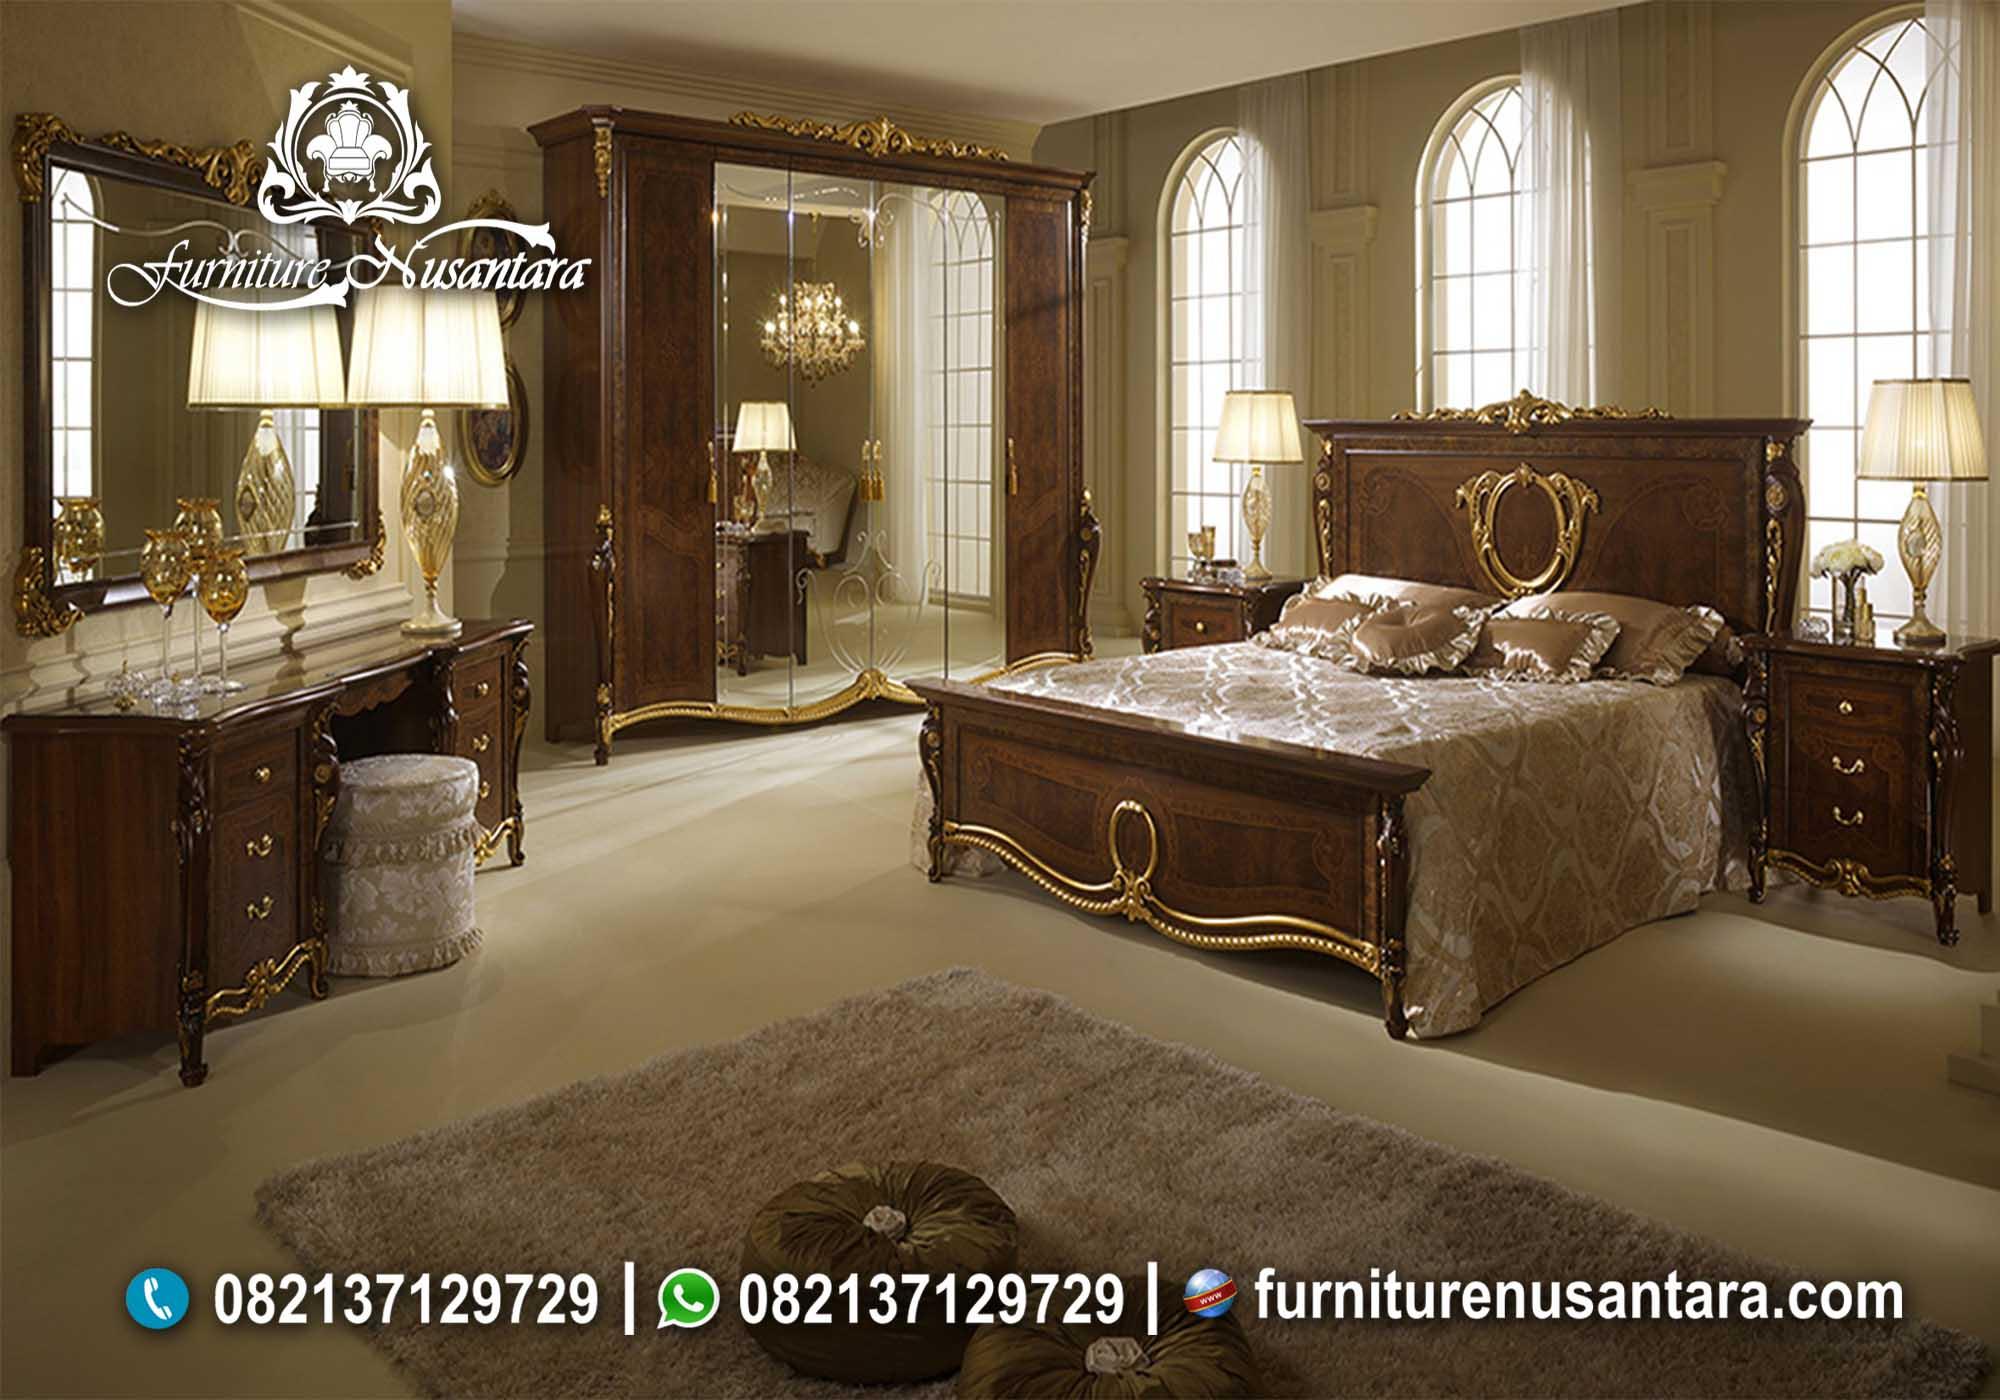 Desain Interior Kamar Jati Terbaru KS-72, Furniture Nusantara